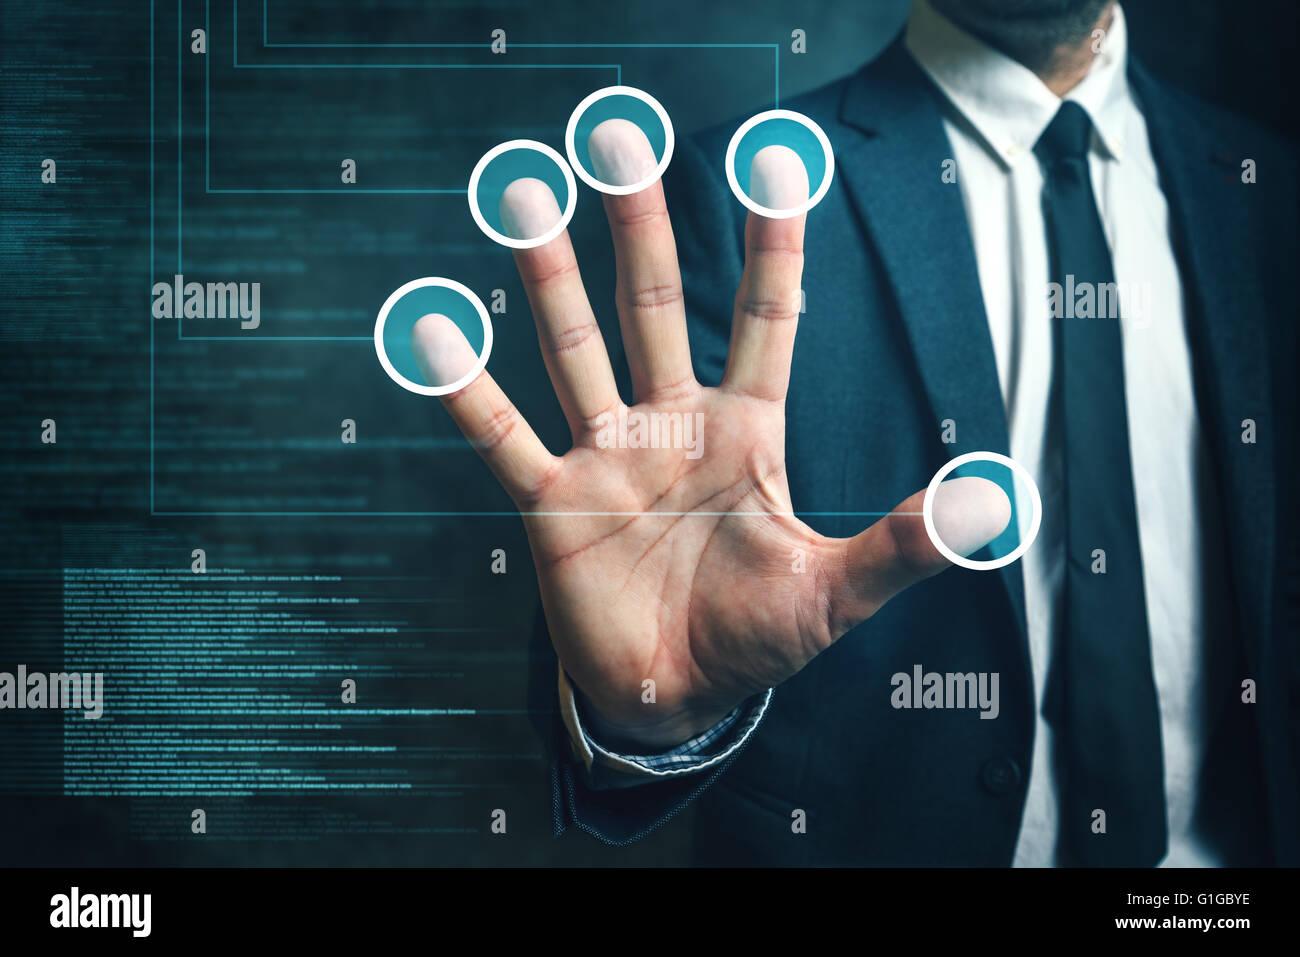 Geschäftsmann, die biometrische Verifikation mit Fingerabdruck-Scanner, moderne futuristische Technologie im Dienst Stockfoto